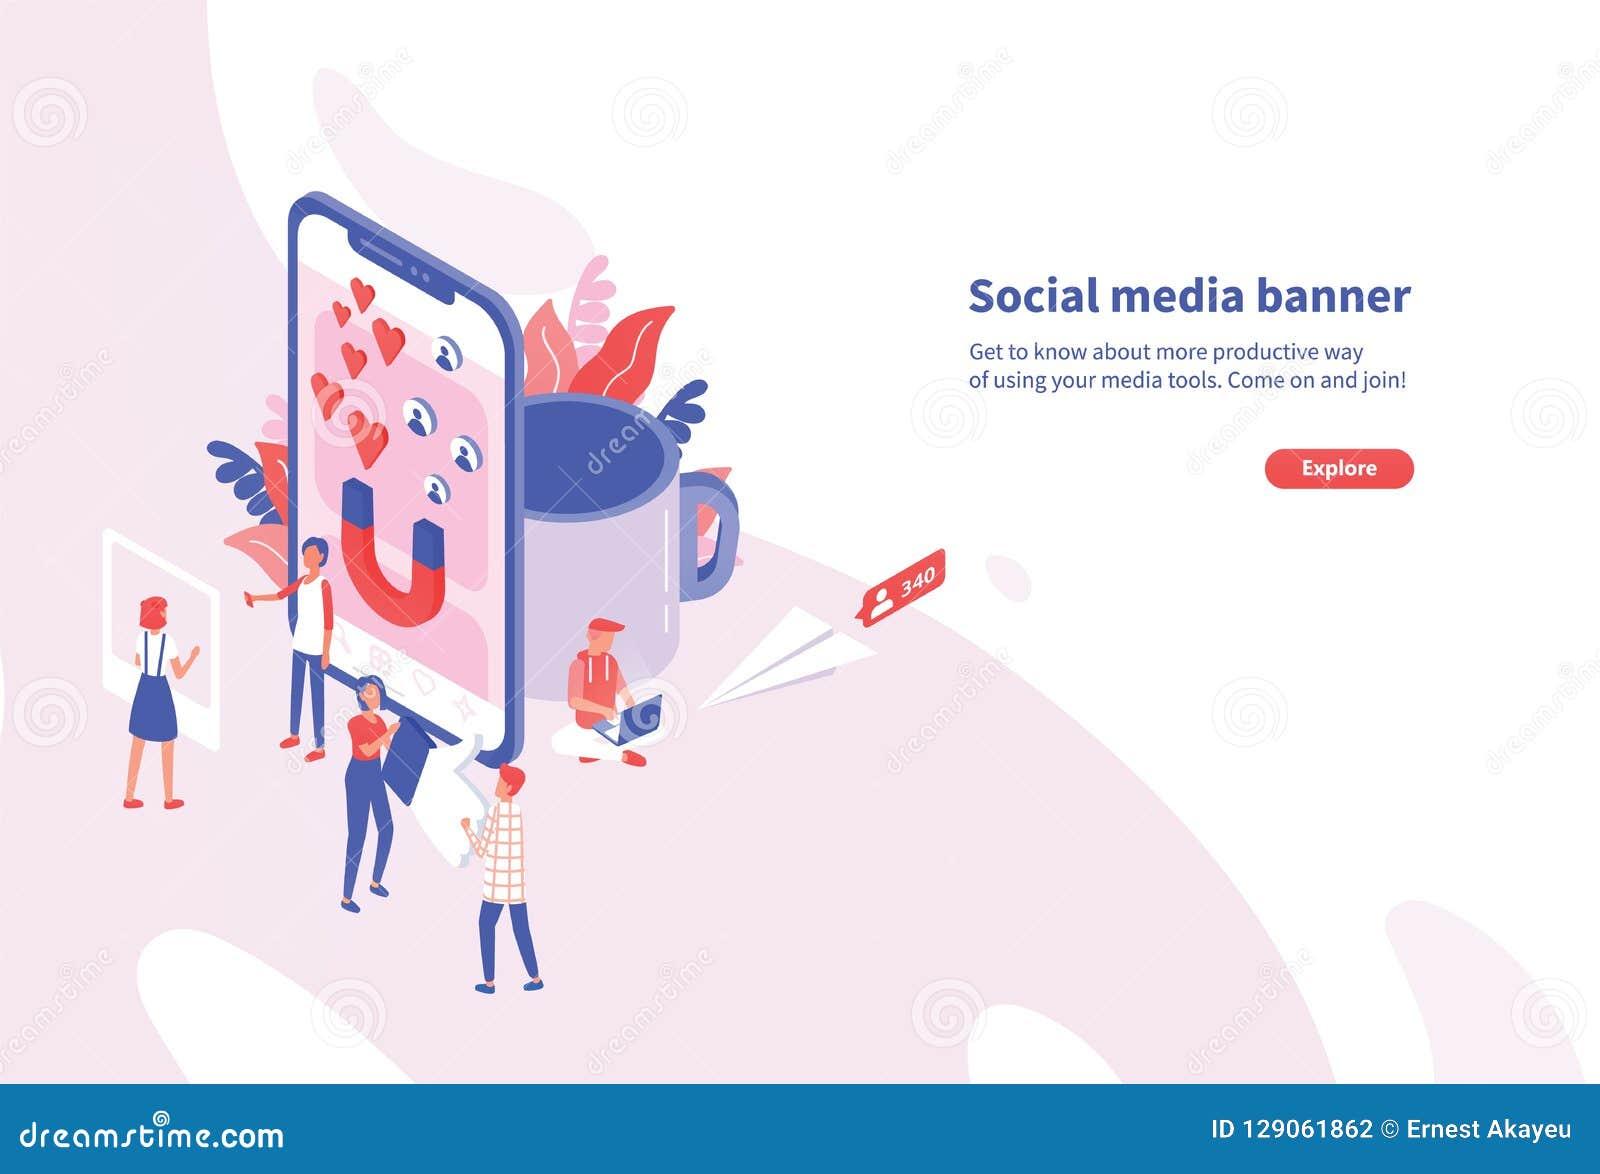 Plantilla horizontal creativa de la bandera de la web con la gente minúscula y el smartphone gigante Herramientas sociales de los